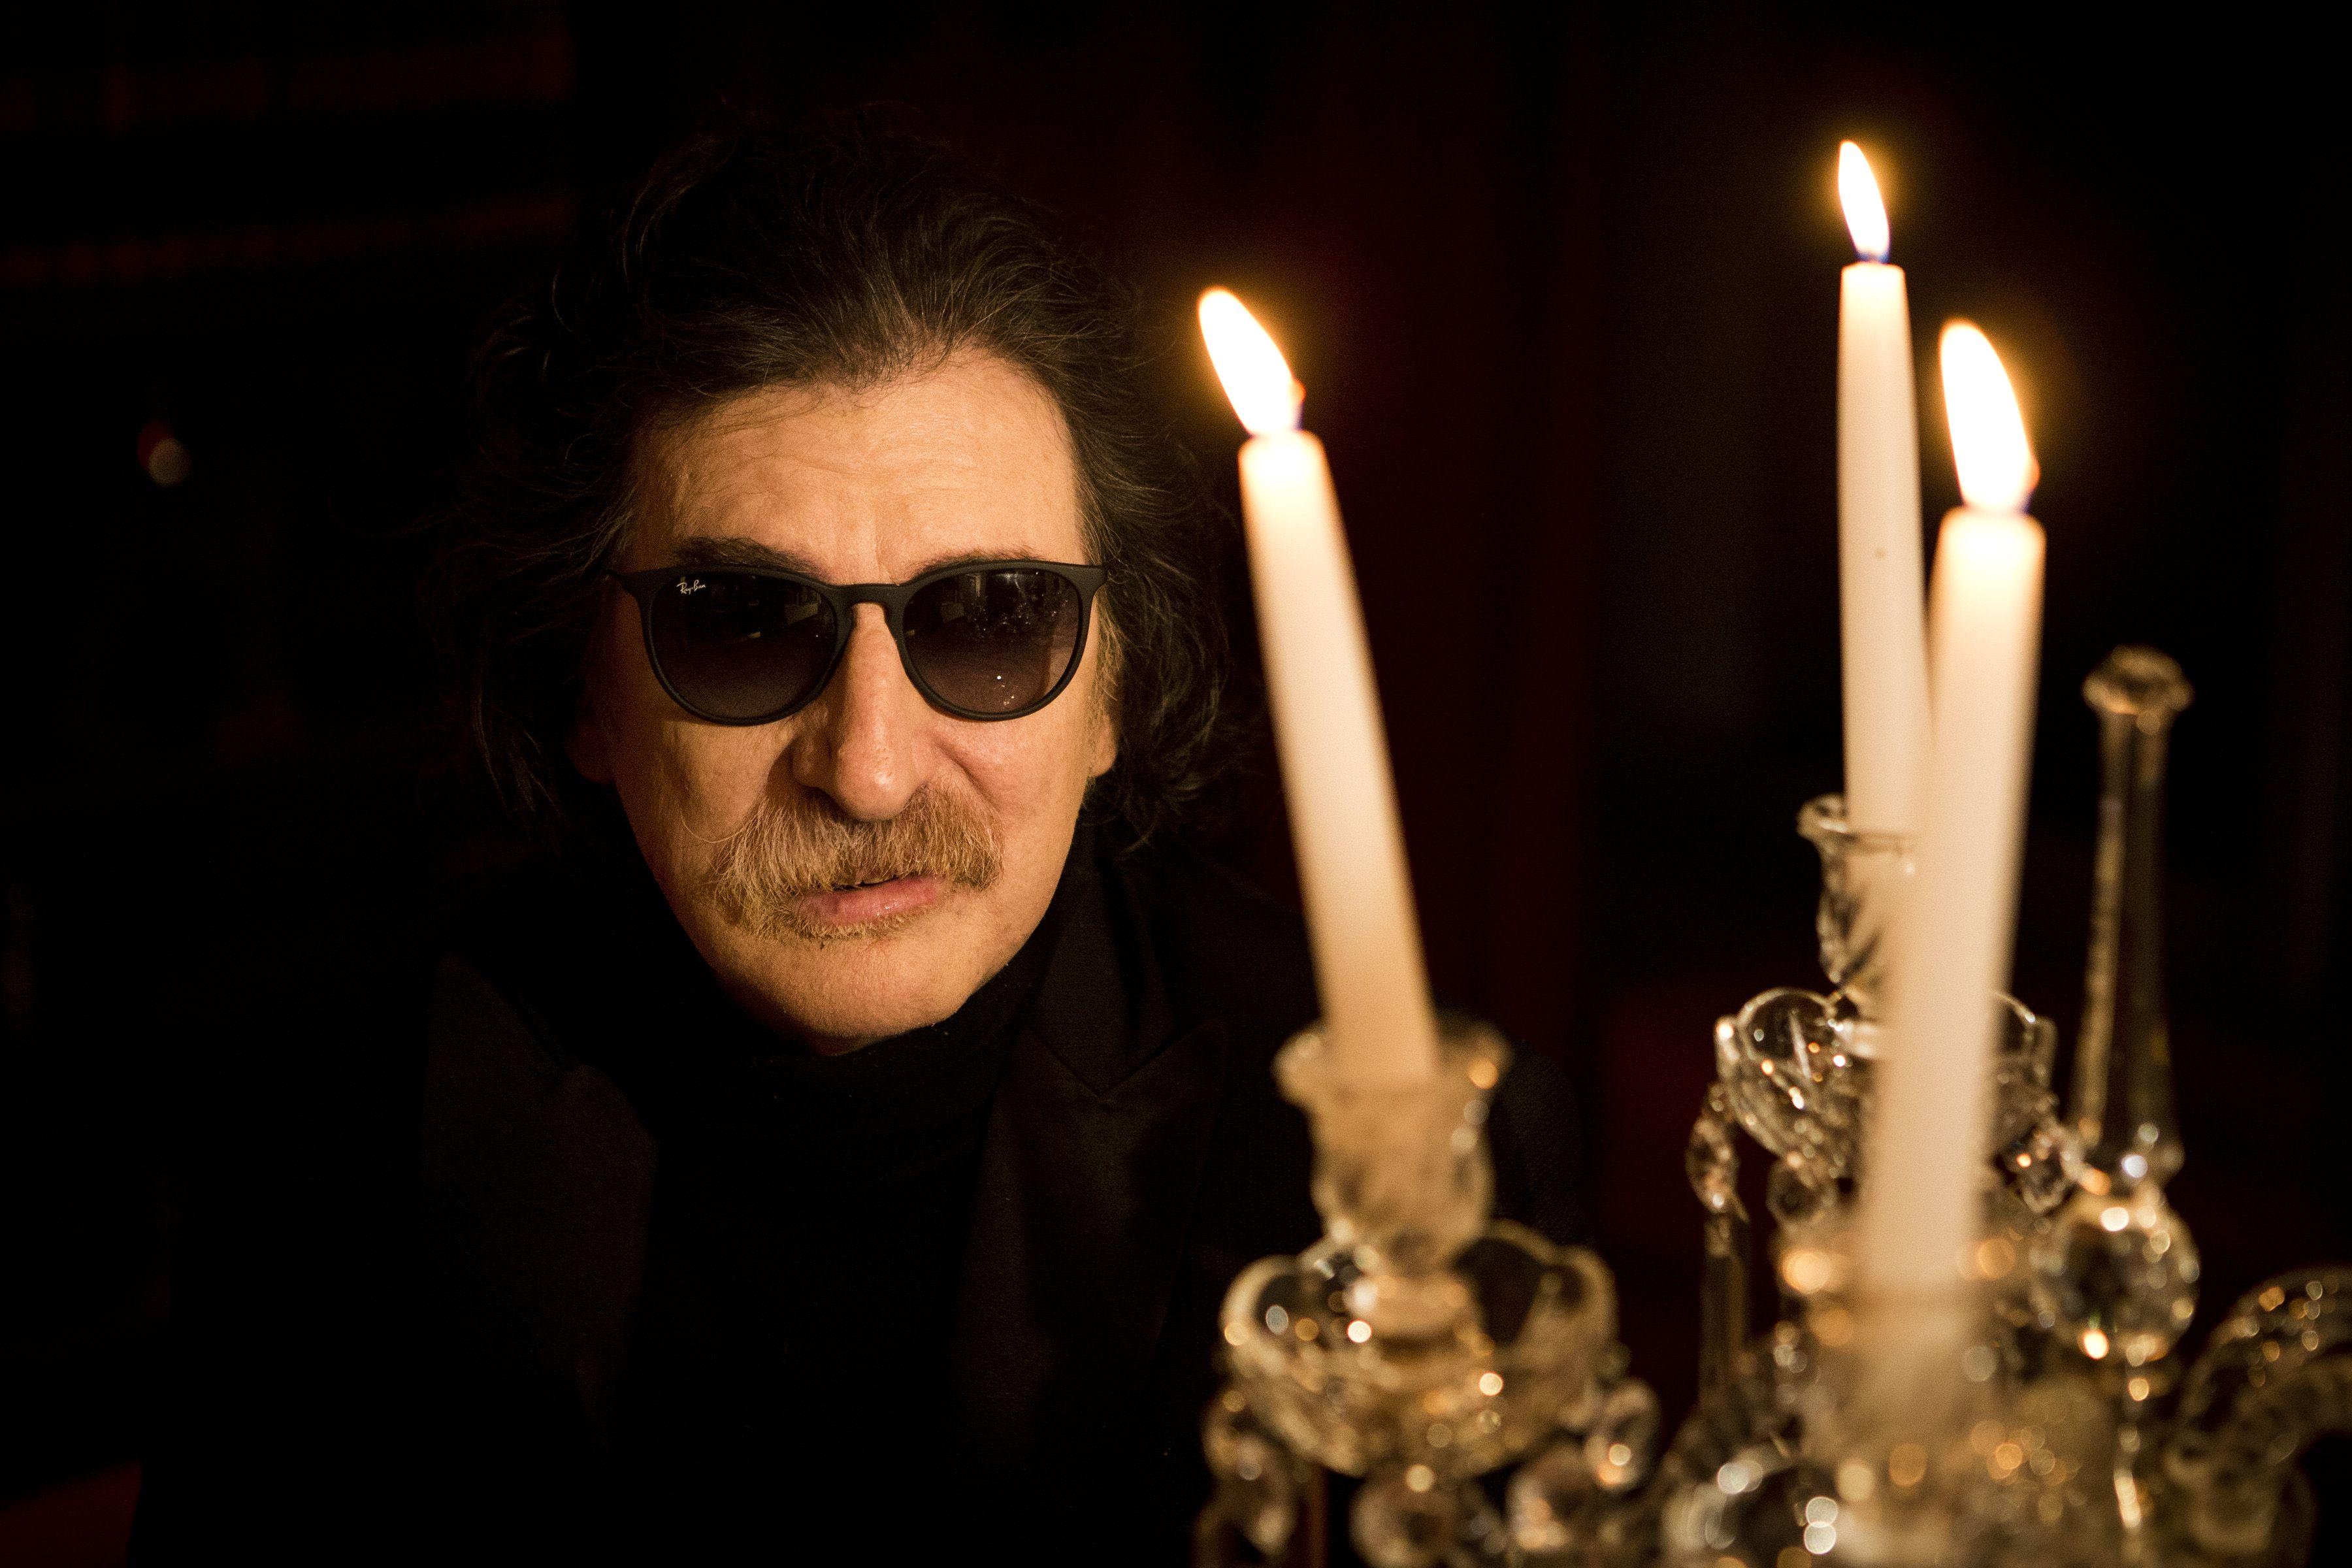 Todos esperan que García vuelva a componer buenas canciones.